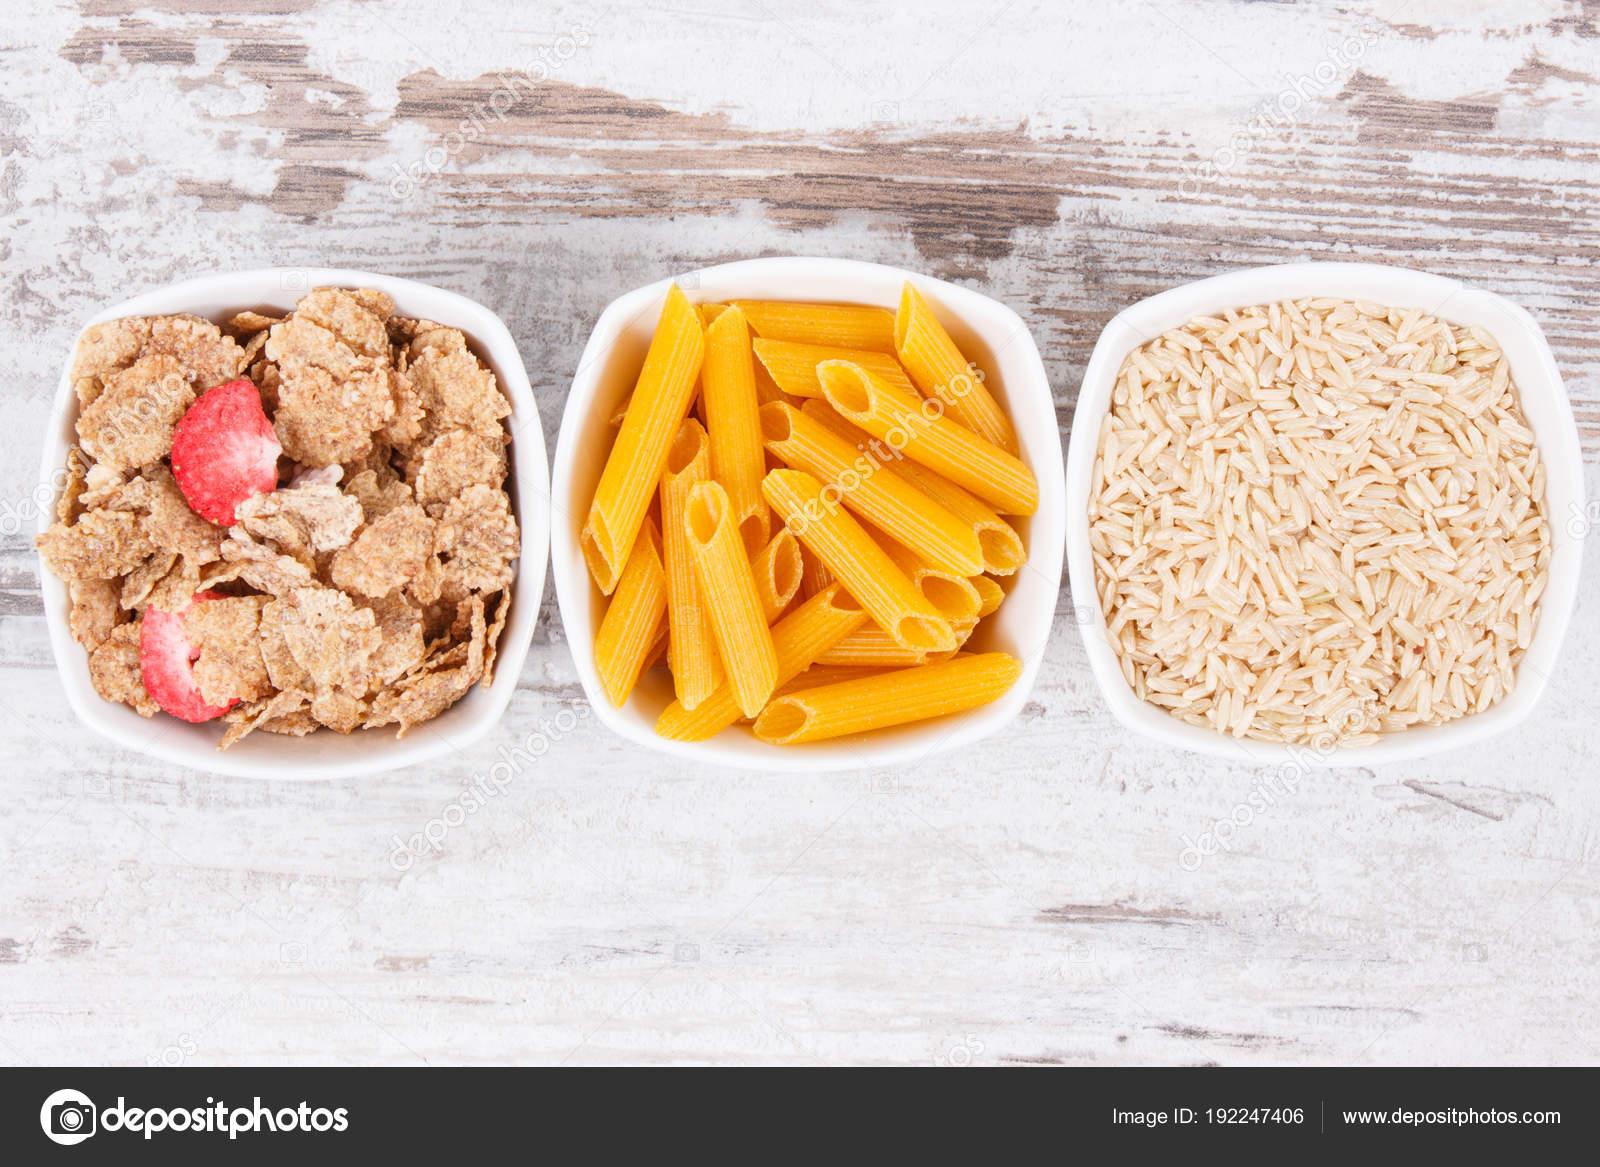 los alimentos que contienen hidratos de carbono